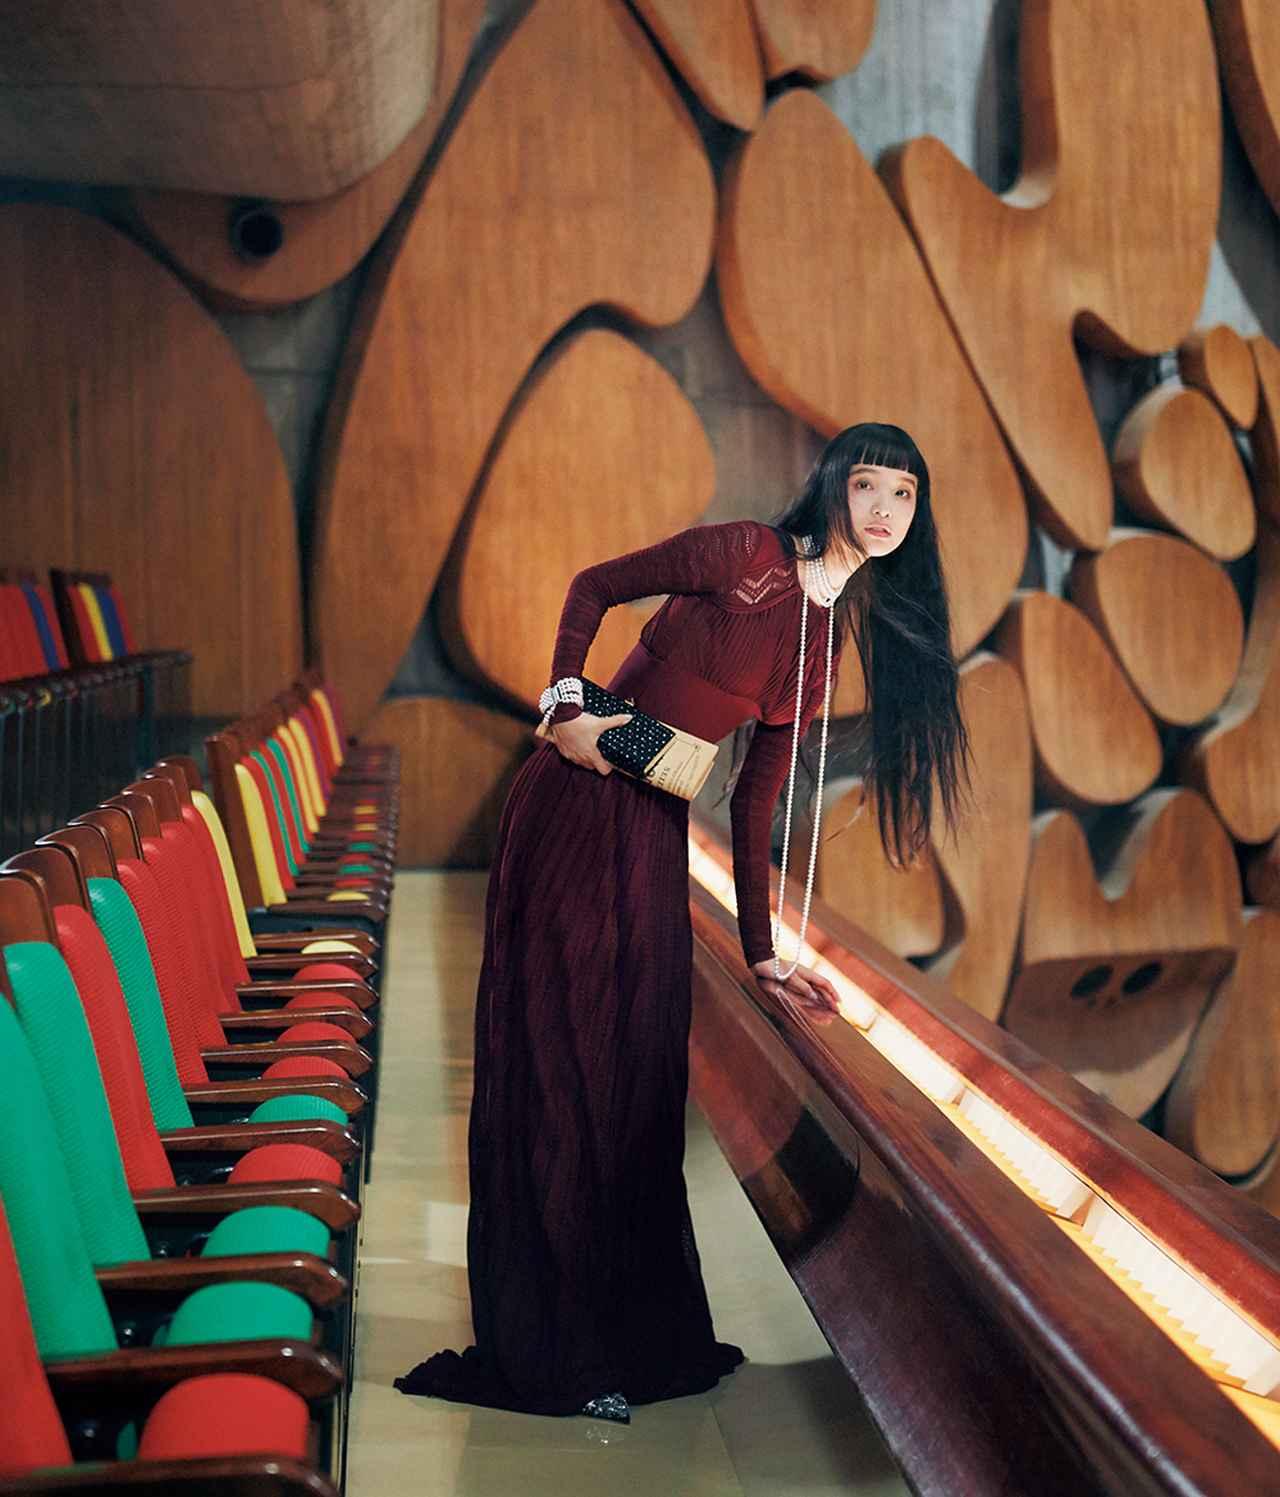 Images : 2番目の画像 - 「至福の時空へ誘う 華麗なる観劇スタイル」のアルバム - T JAPAN:The New York Times Style Magazine 公式サイト